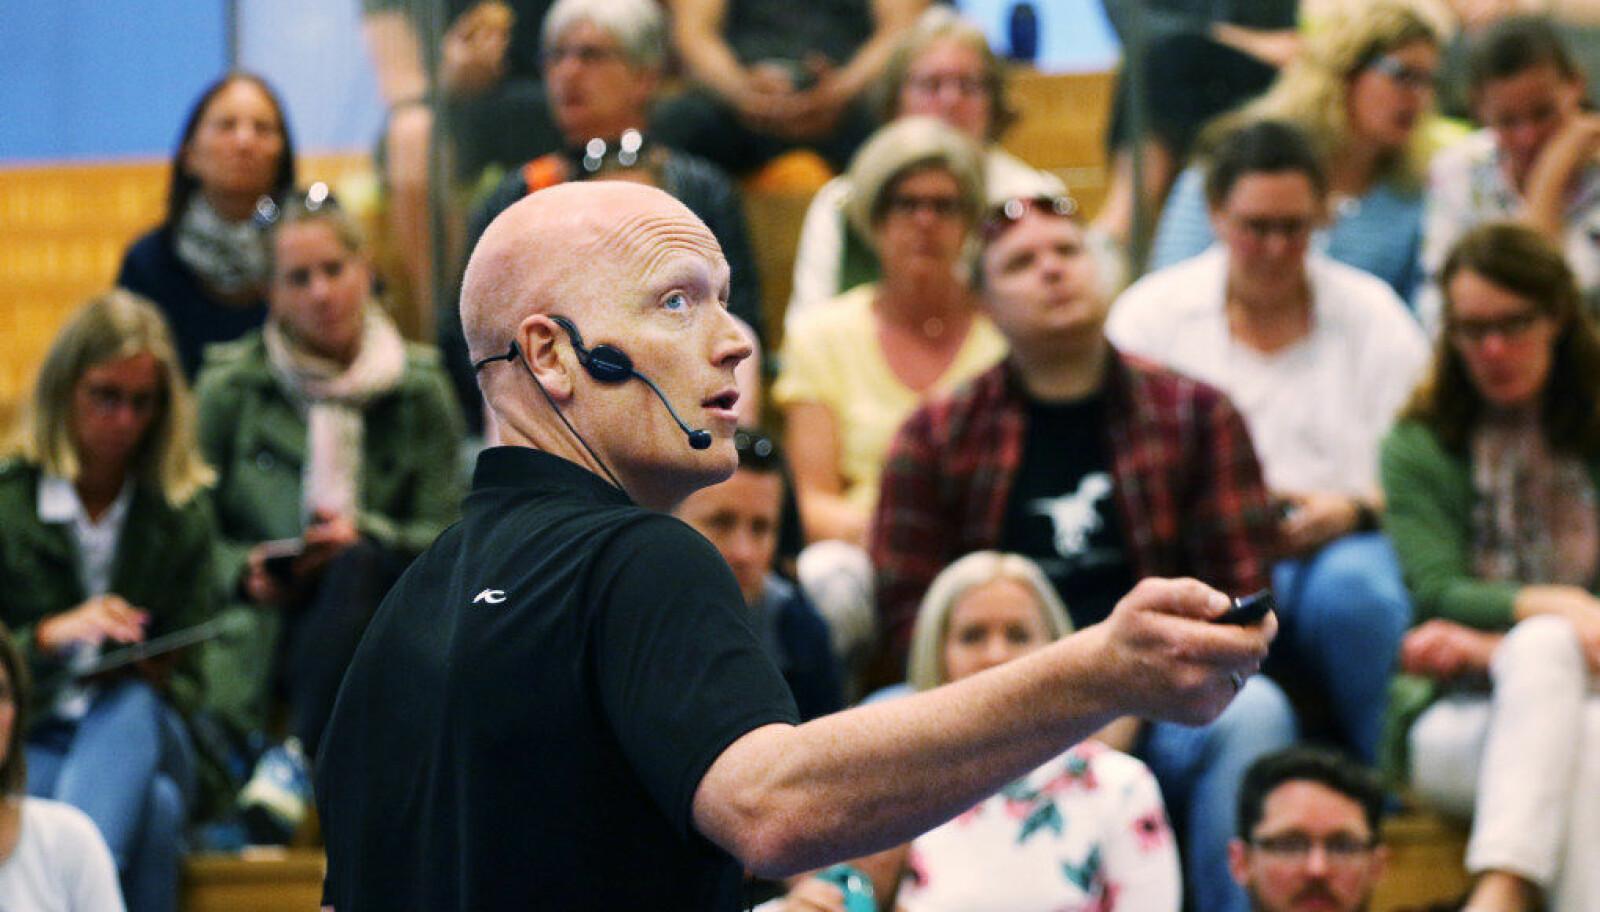 – Lærere føler på maktesløshet, sier kursholder Børge Stave. Foto: Jørgen Jelstad